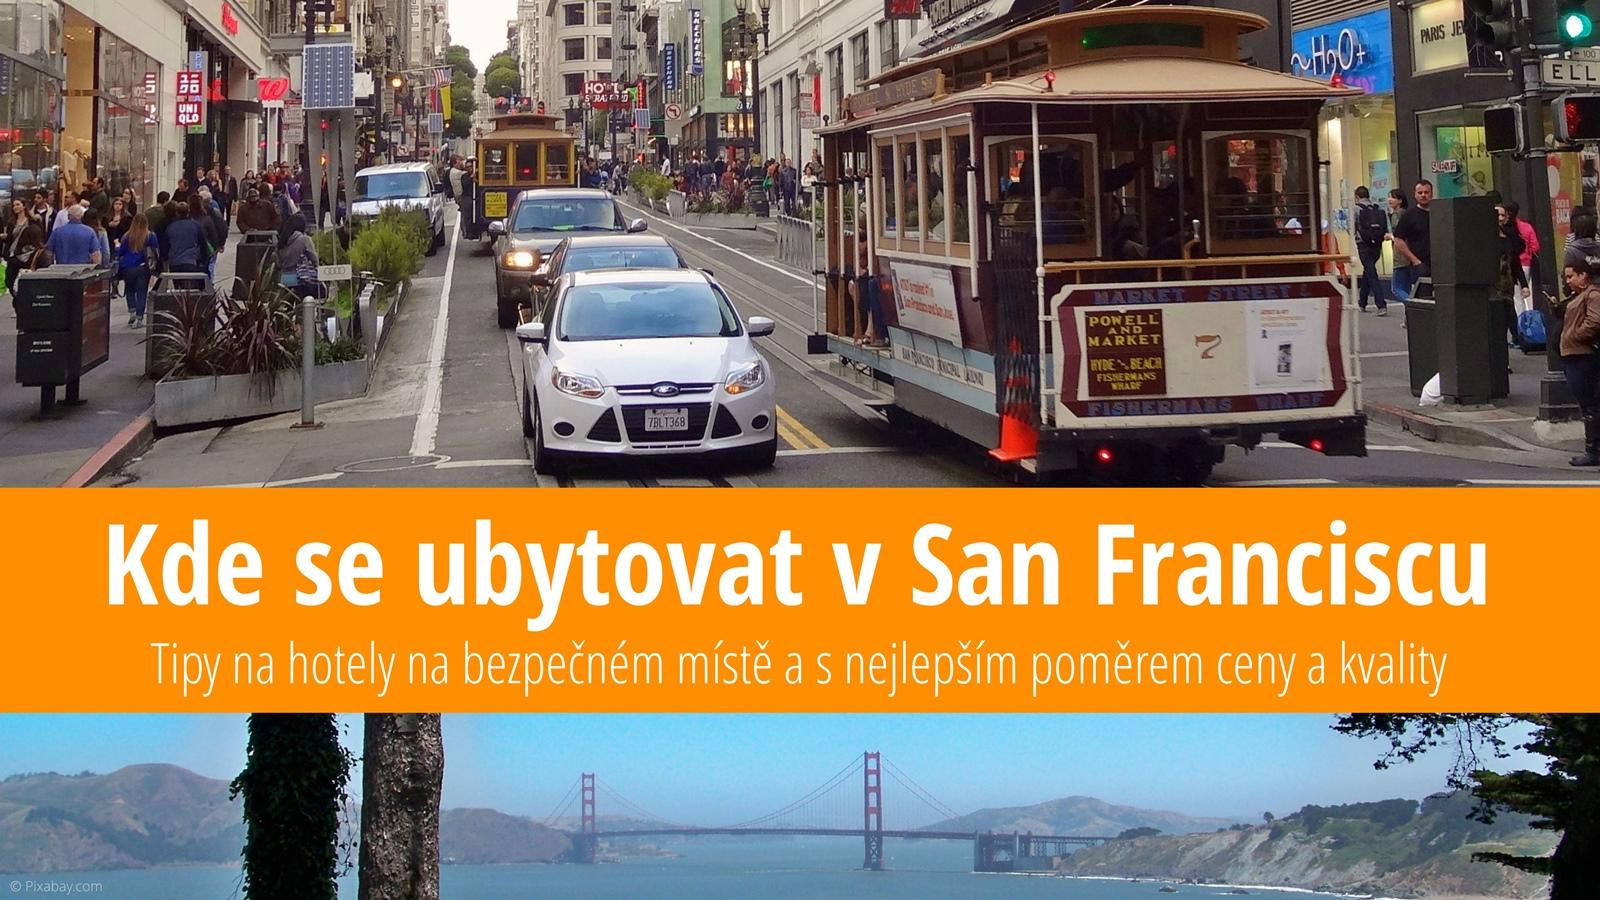 Tip na ubytování v San Franciscu: Levný hotel a ubytování v soukromí přes Airbnb